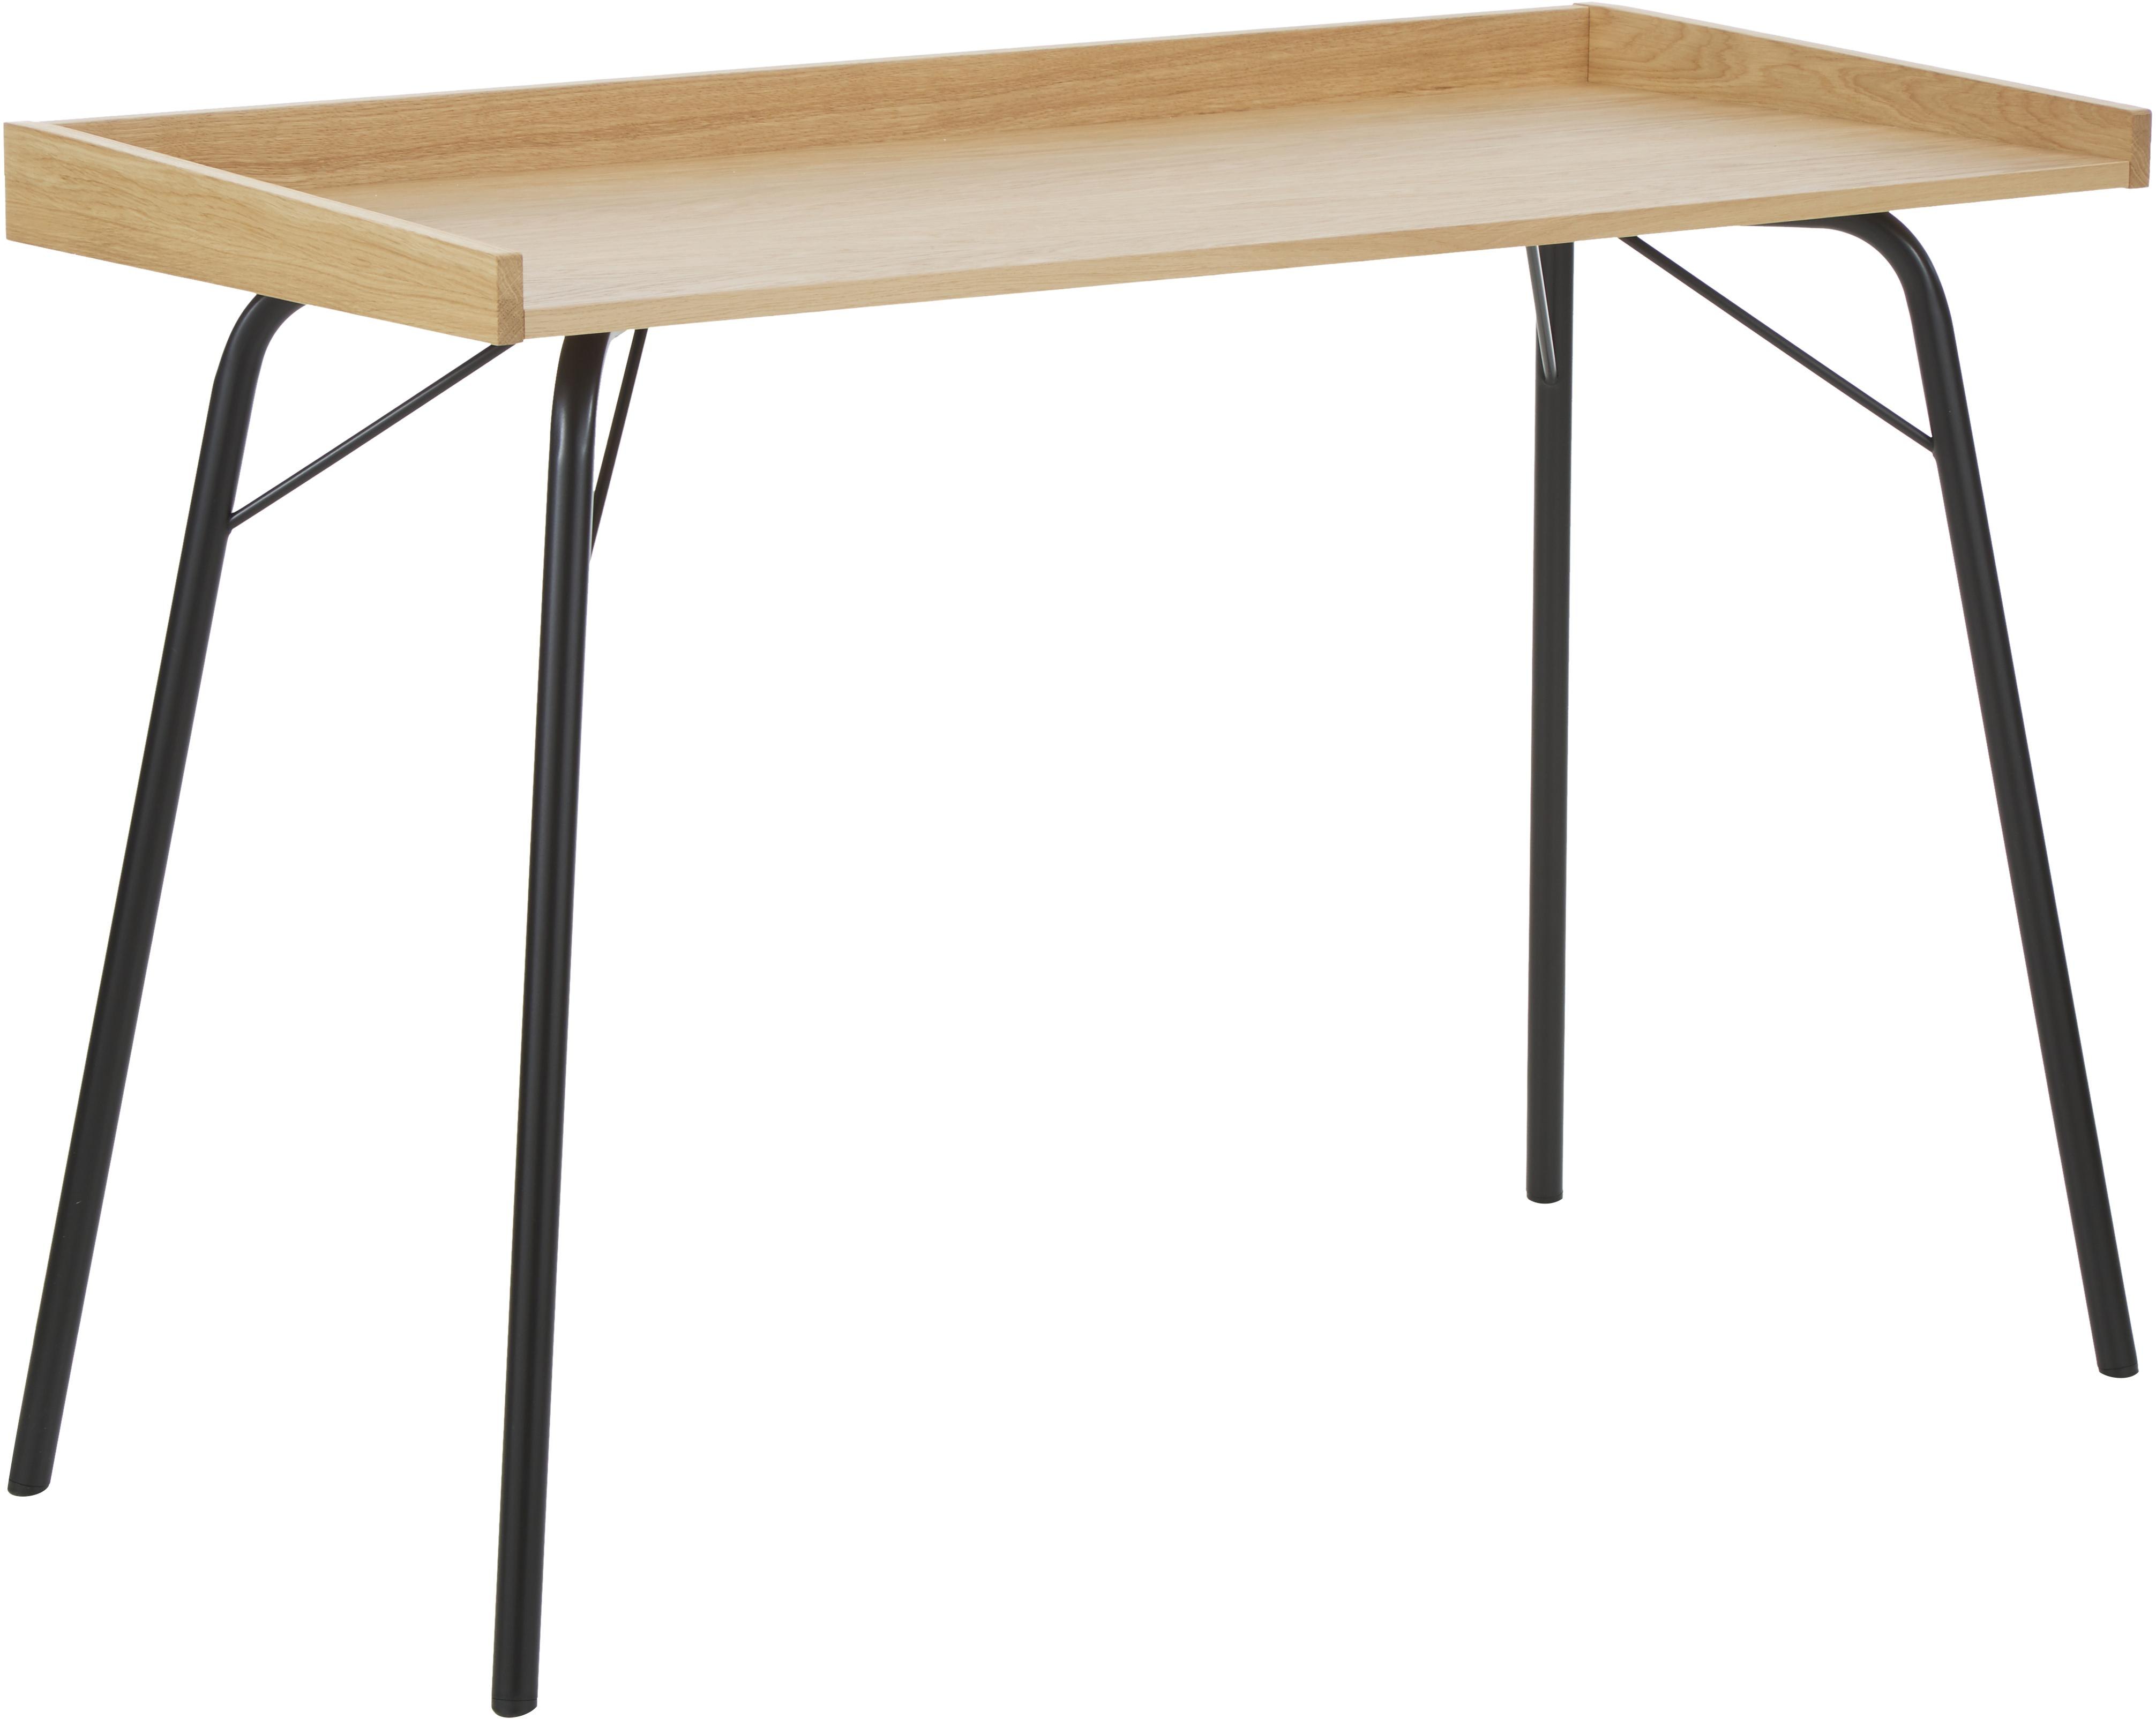 Escritorio en roble Rayburn, Tablero: aglomerado chapado en mad, Estructura: acero con pintura en polv, Roble, negro, An 115 x Al 78 cm